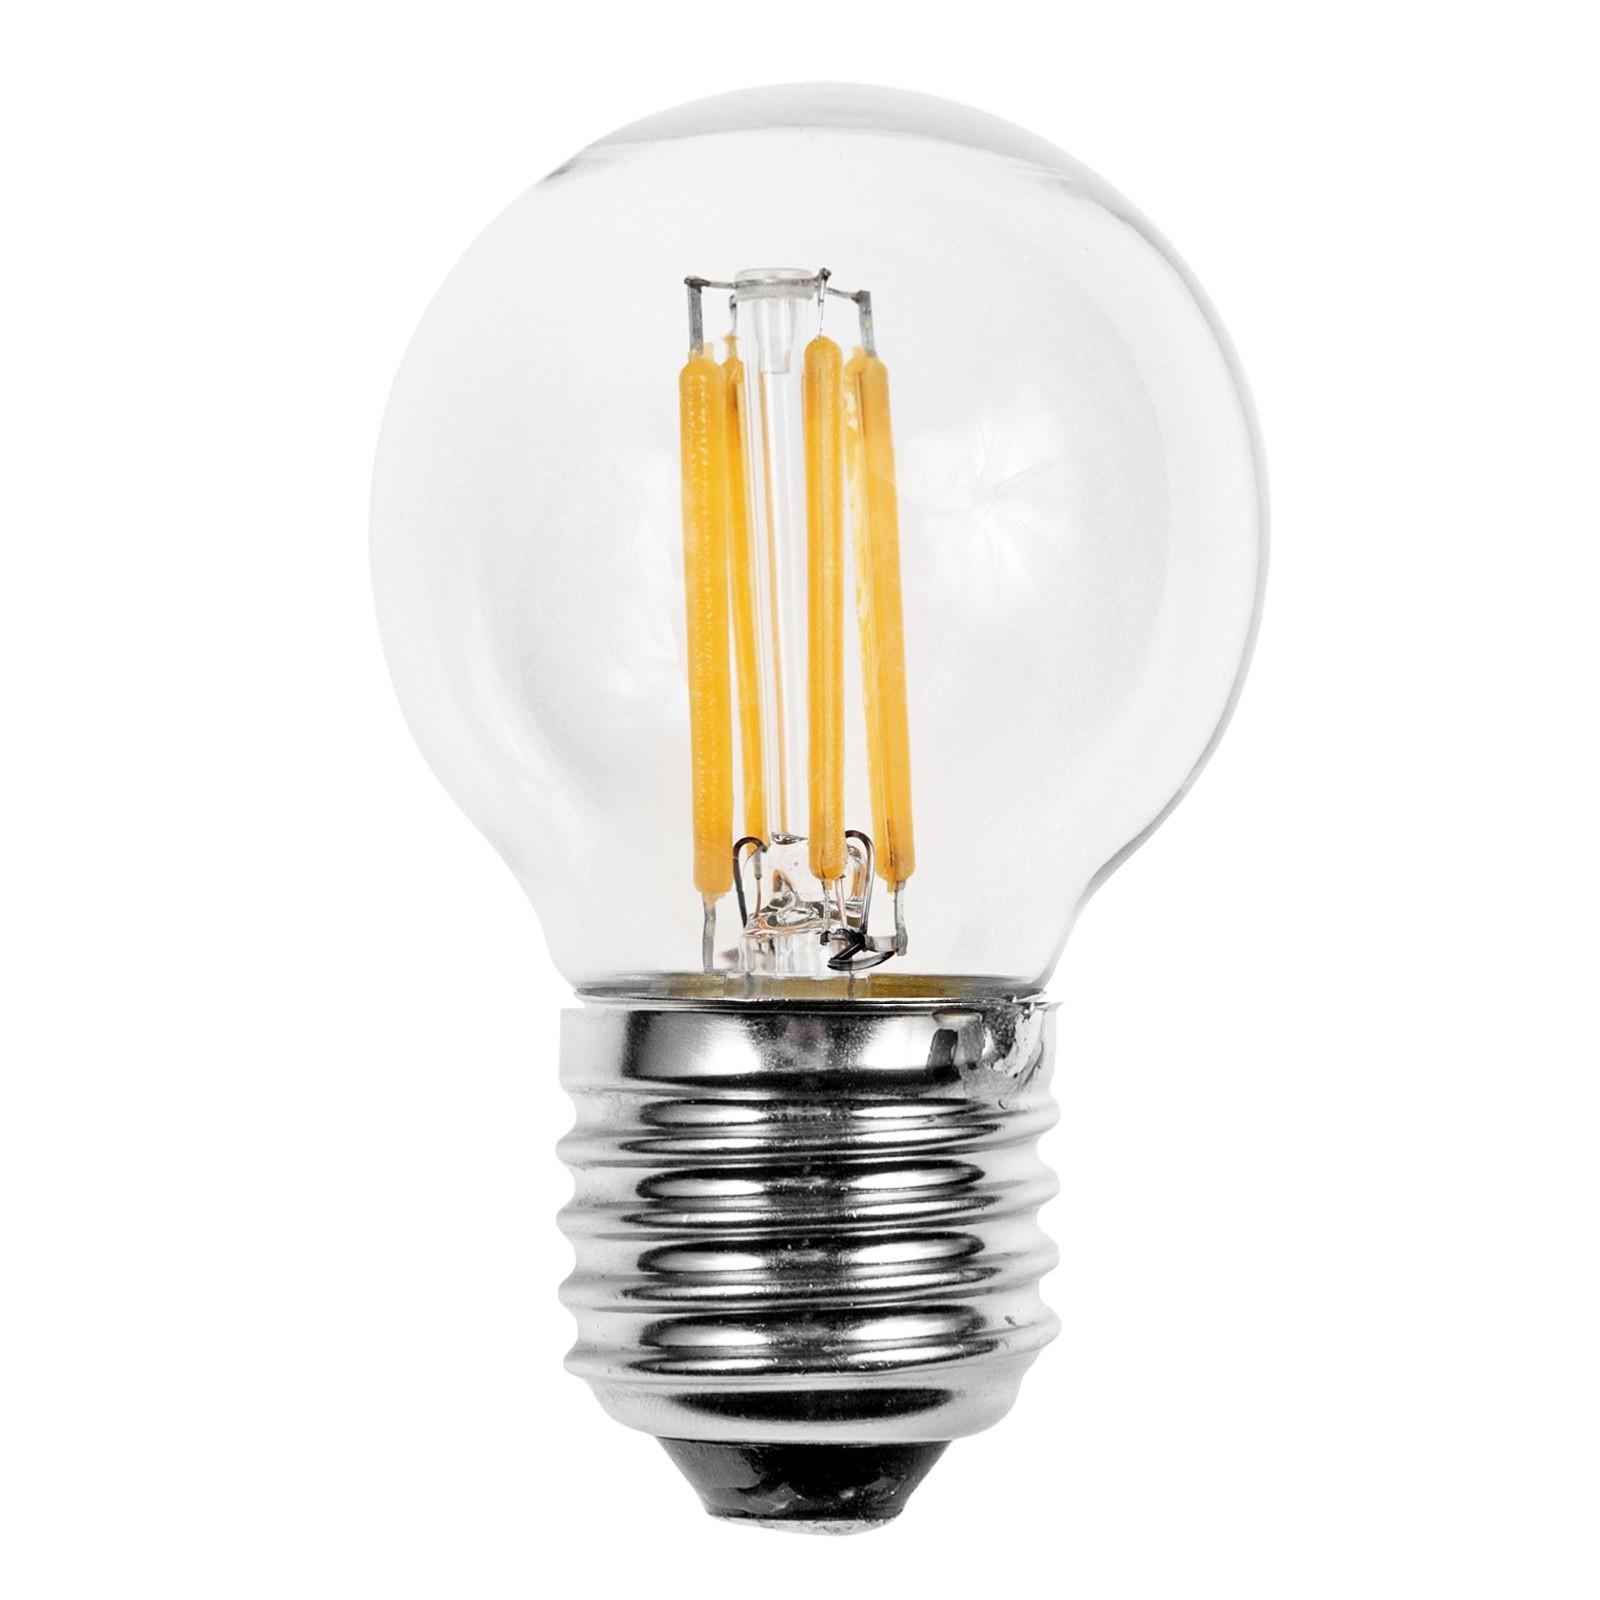 Lampada led lampadina filamento attacco e27 light 4 watt for Lampada led lunga